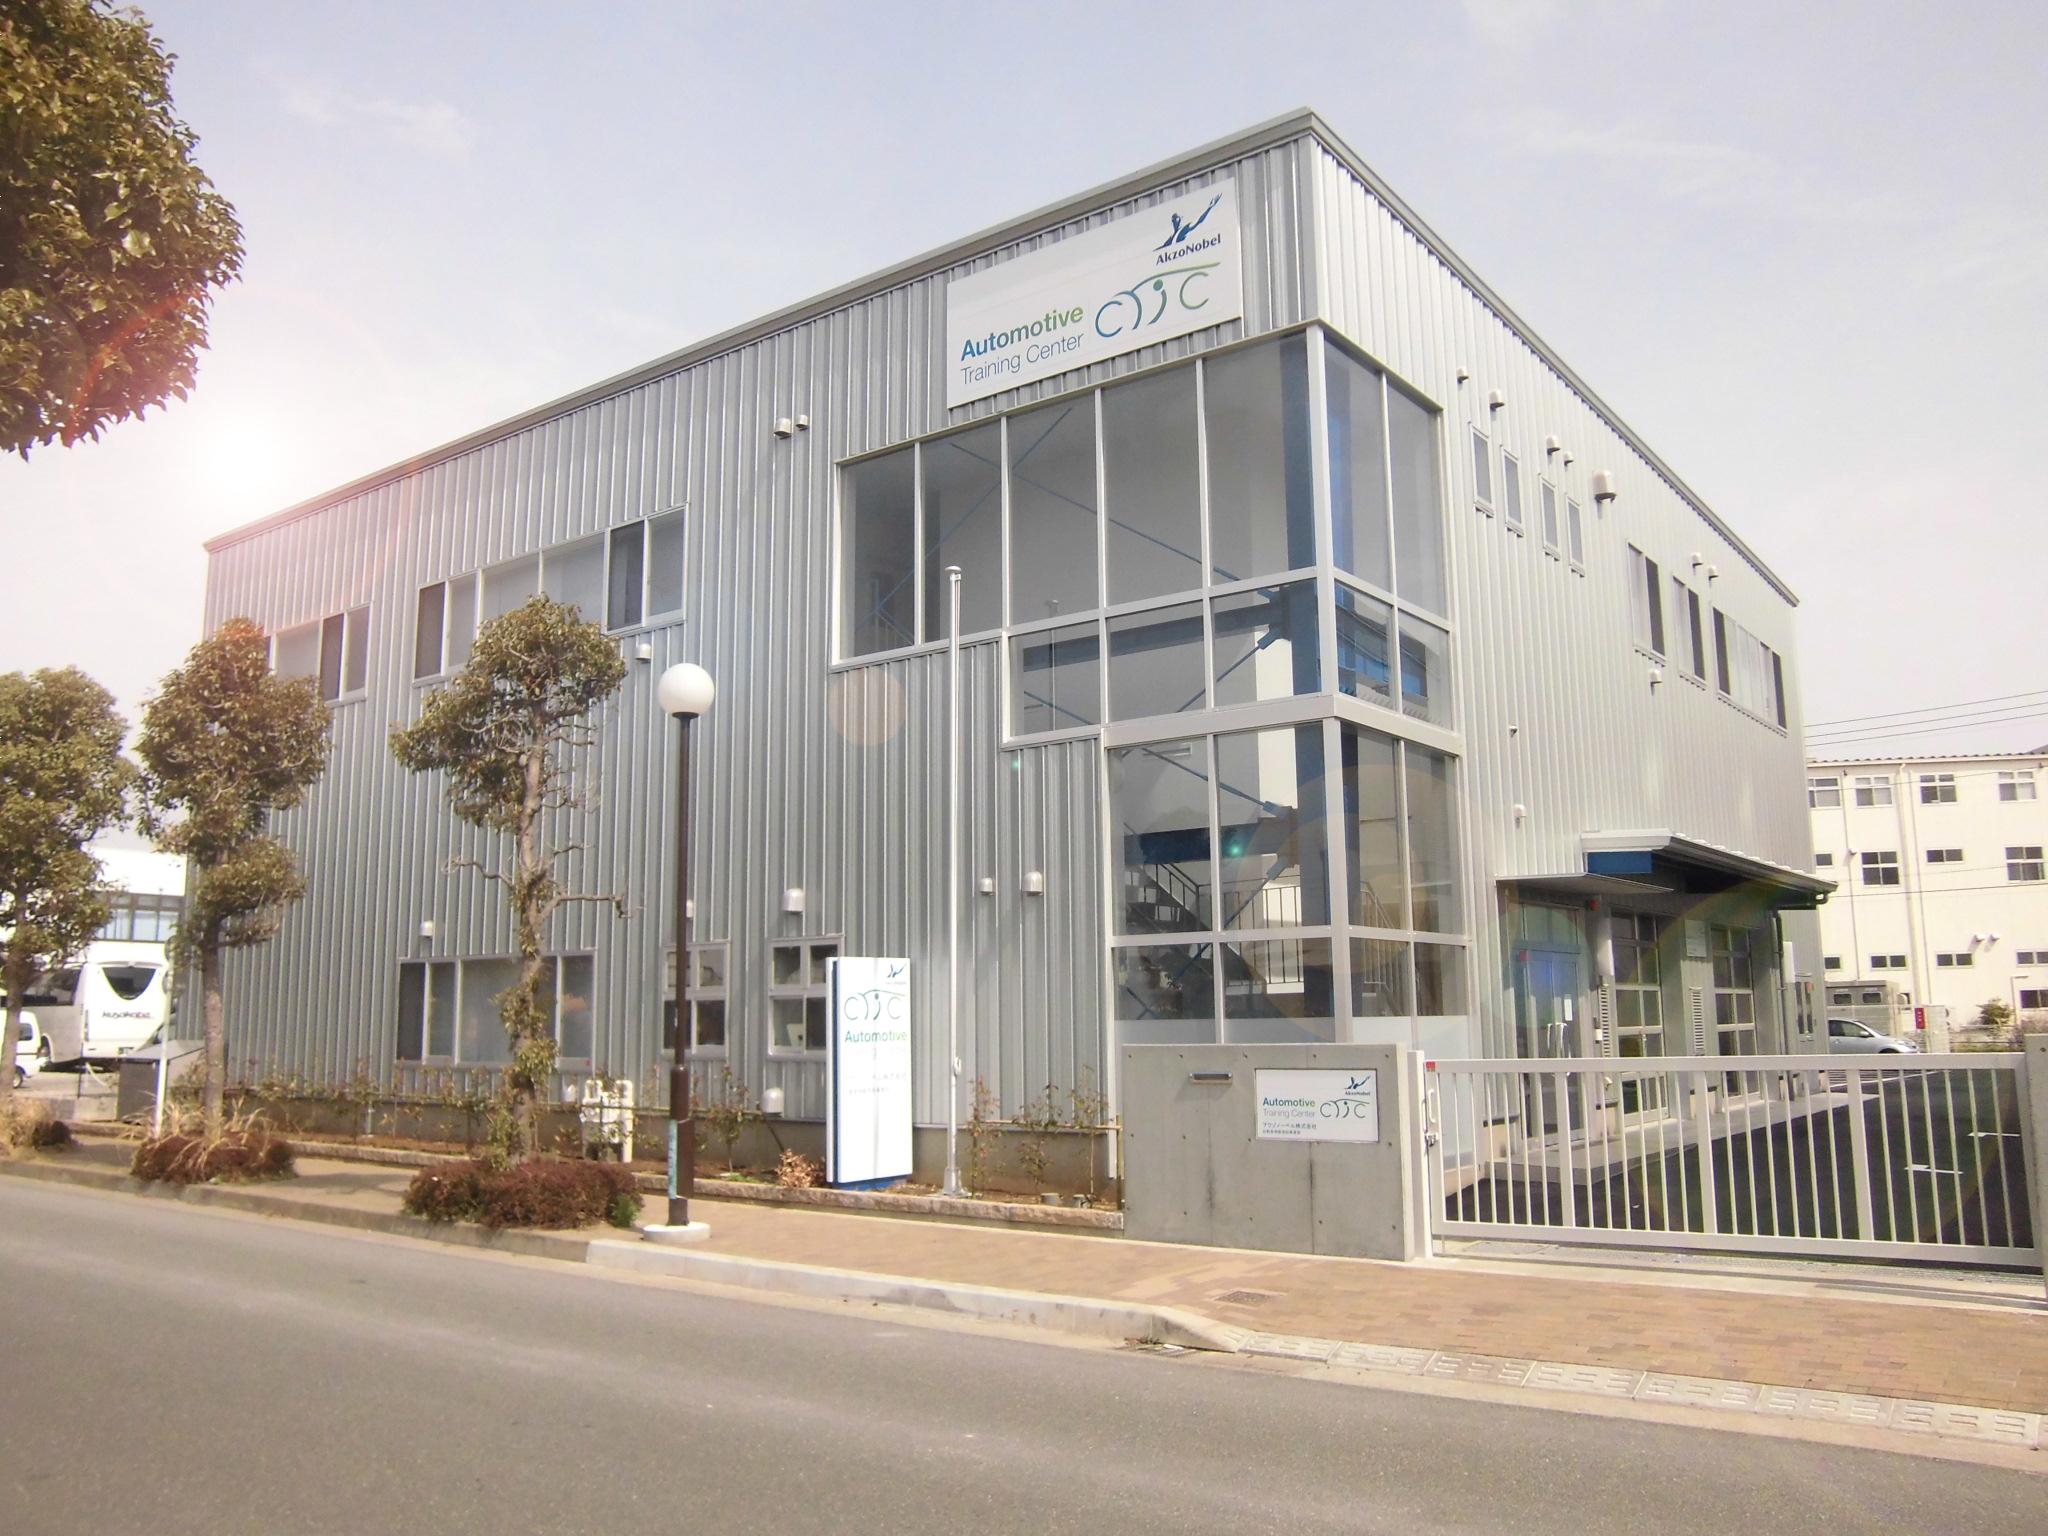 アクゾノーベル オートモーティブトレーニングセンター